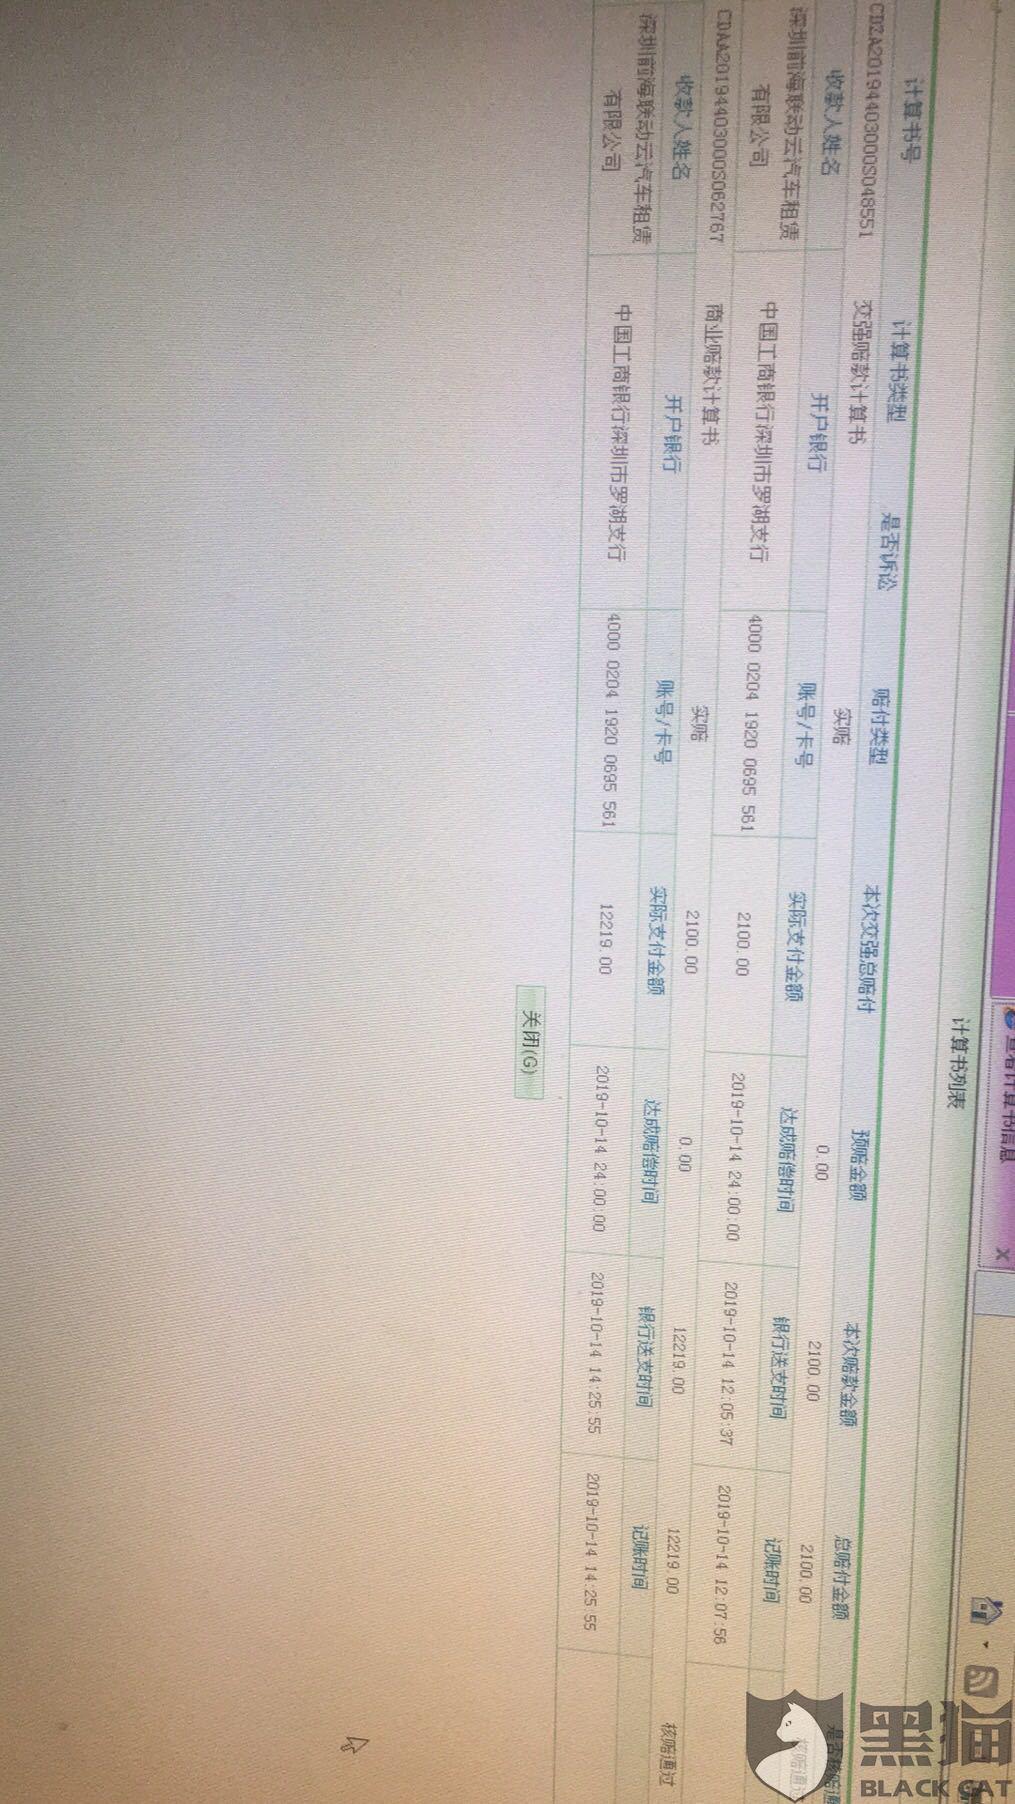 黑猫投诉:深圳前海联动云汽车租赁公司呼和浩特市分公司拖欠理赔款11856元